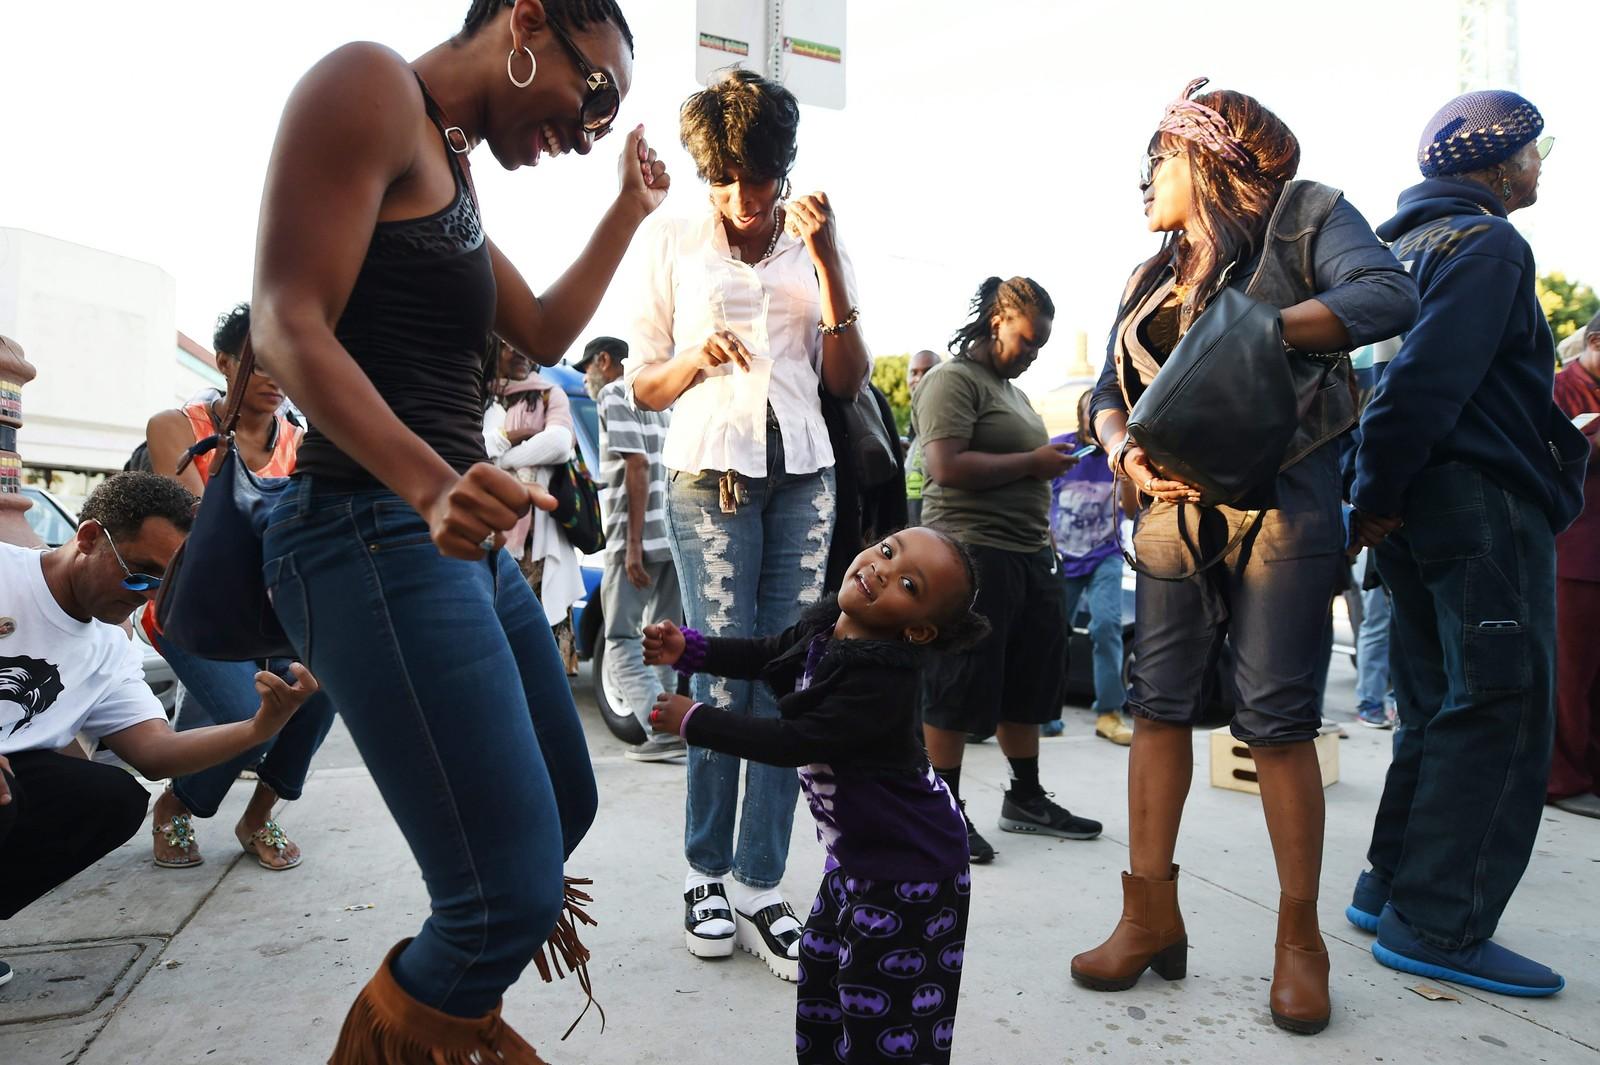 Folk danser i gatene til musikk av den avdøde artisten Prince. Her i Leimert Park i Los Angeles, California hvor fans møttes for å mimre om pop-legendens liv.